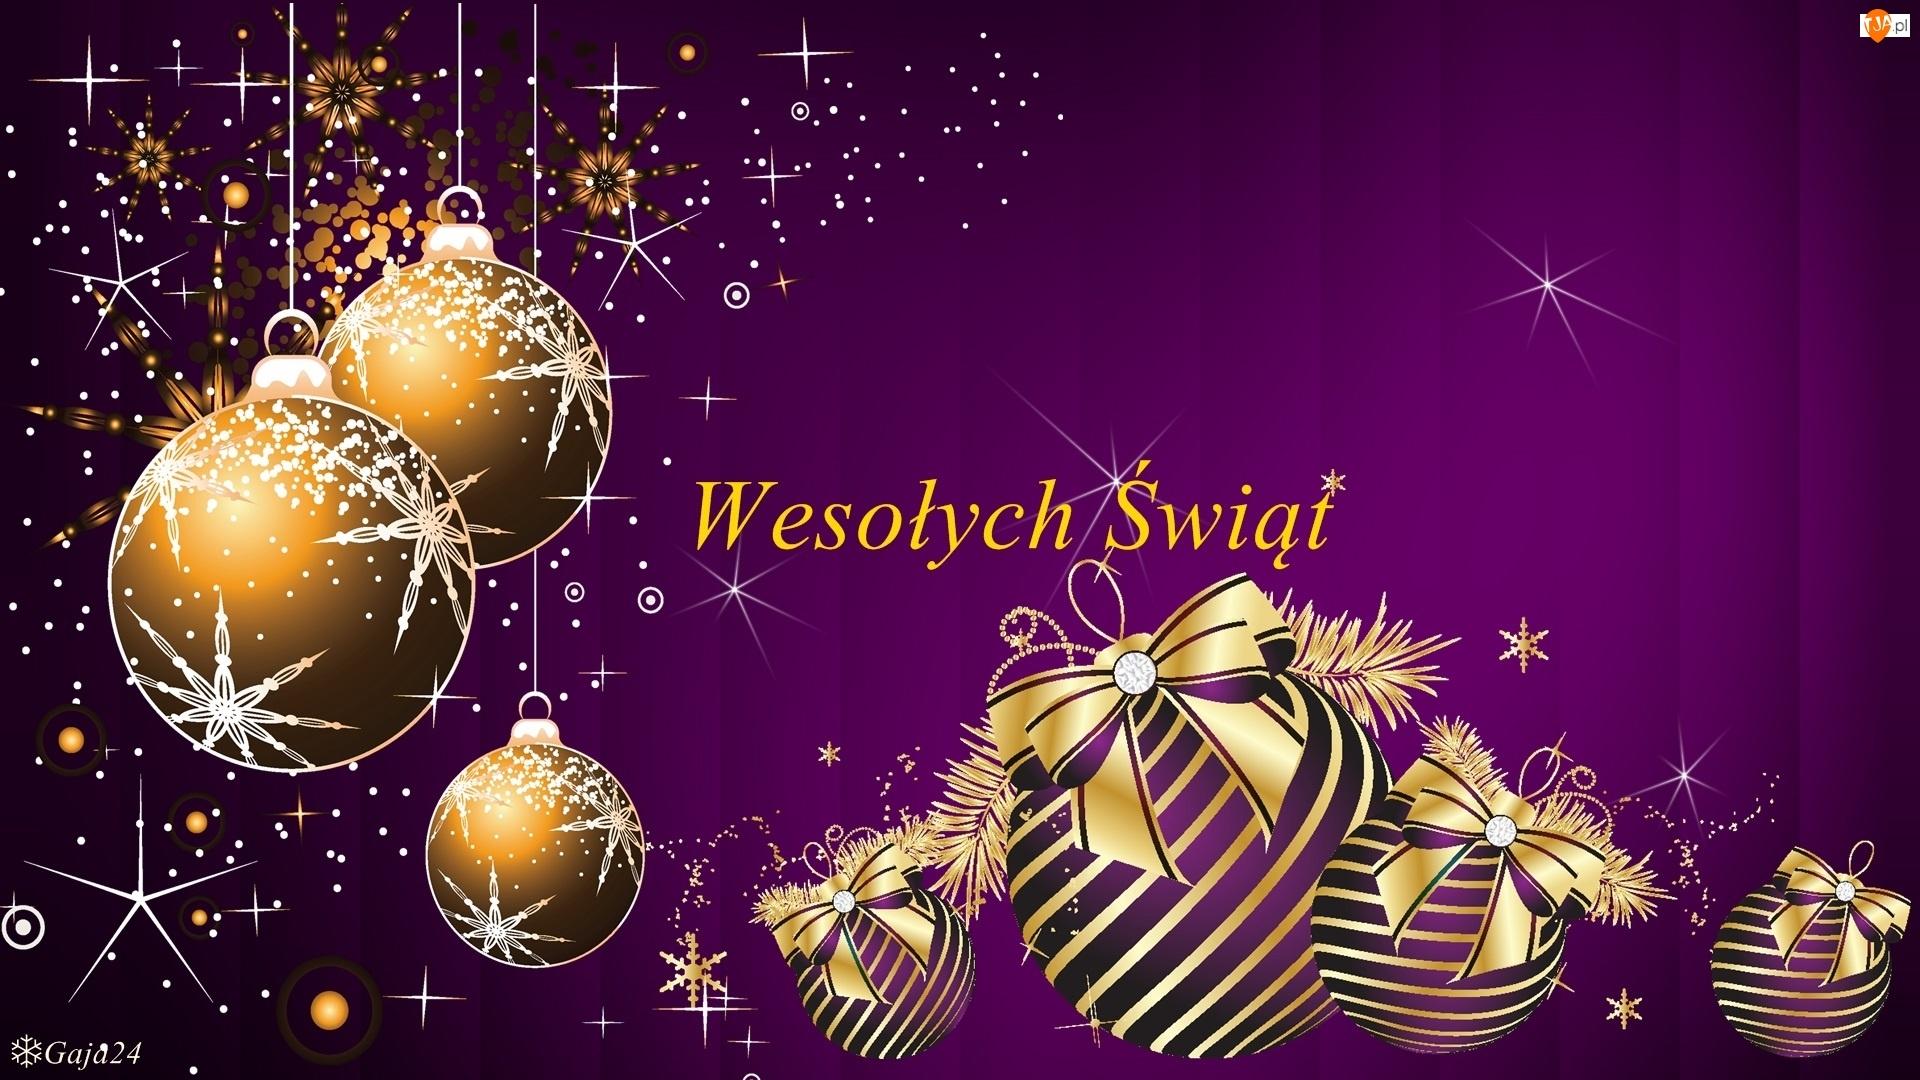 Bombki, Boże Narodzenie, Świąteczne, Życzenia